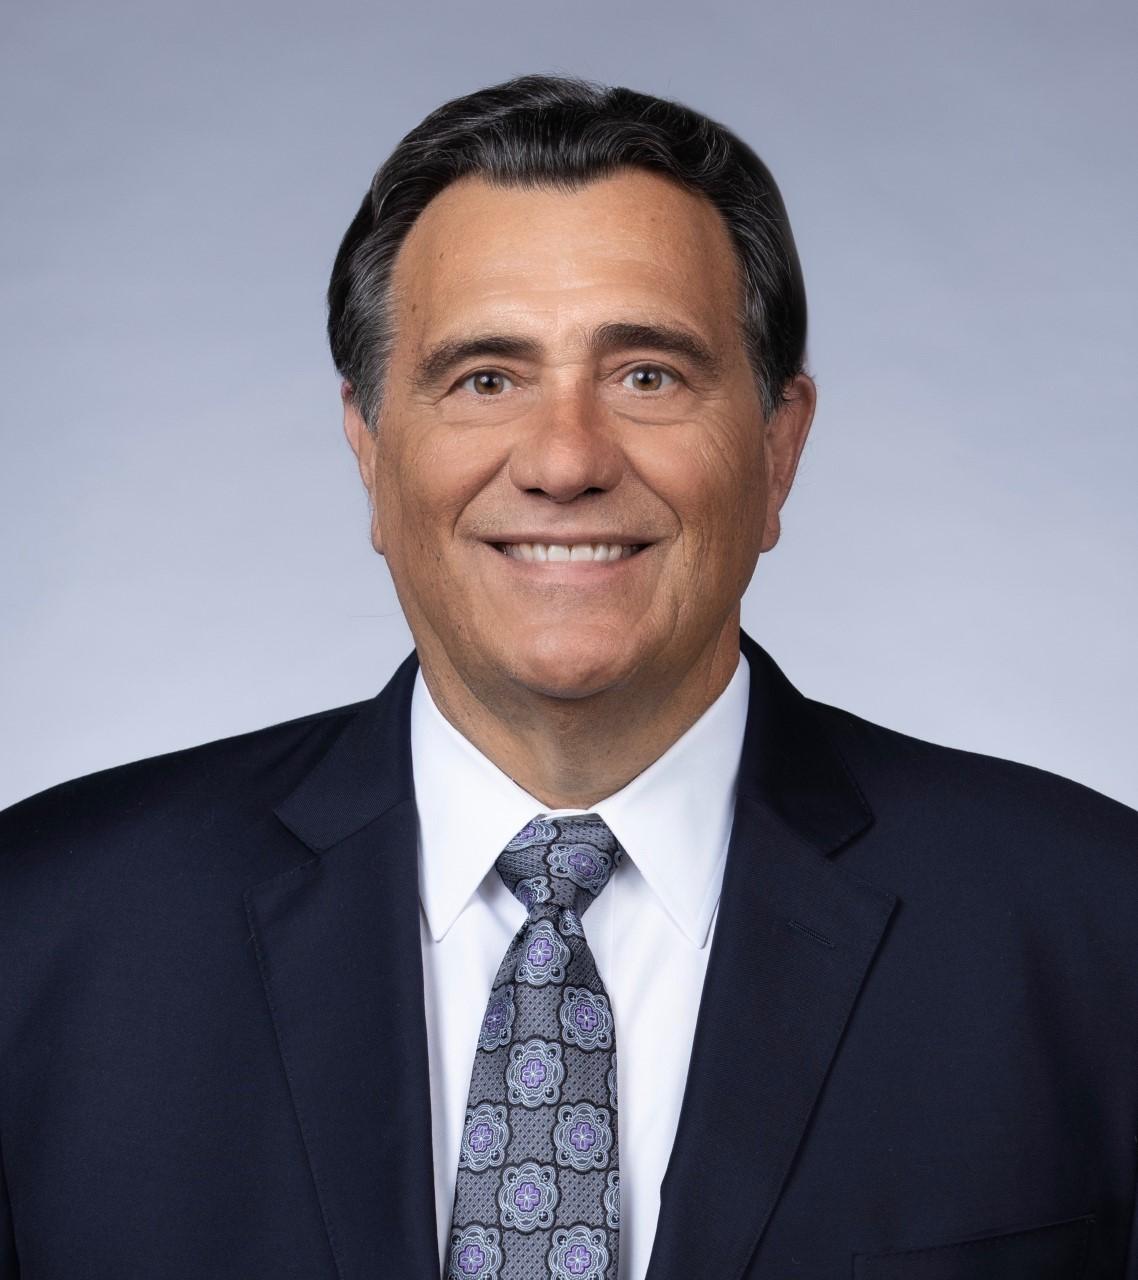 George Cavallo